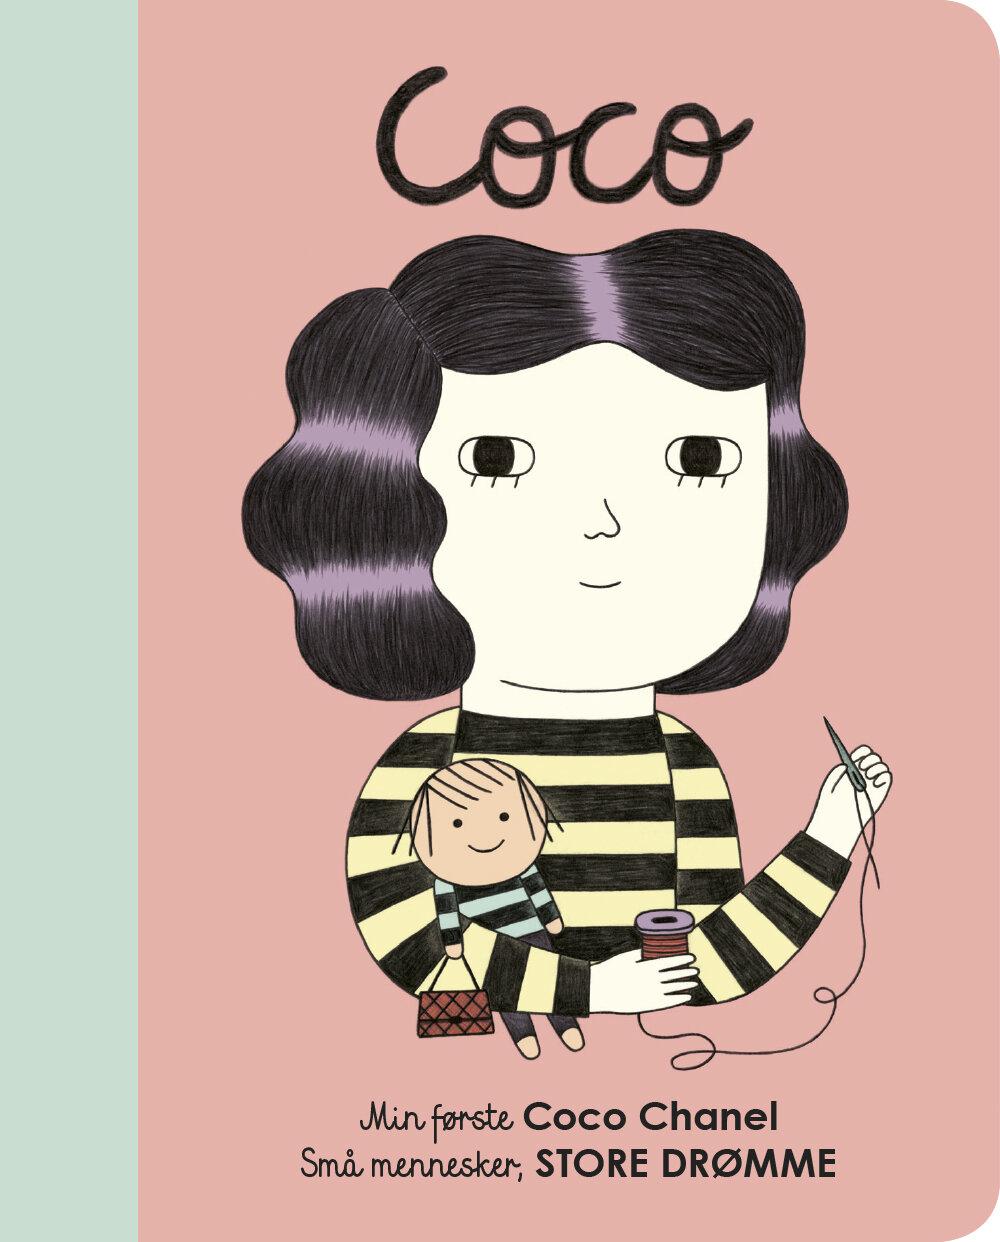 Min første Coco Chanel